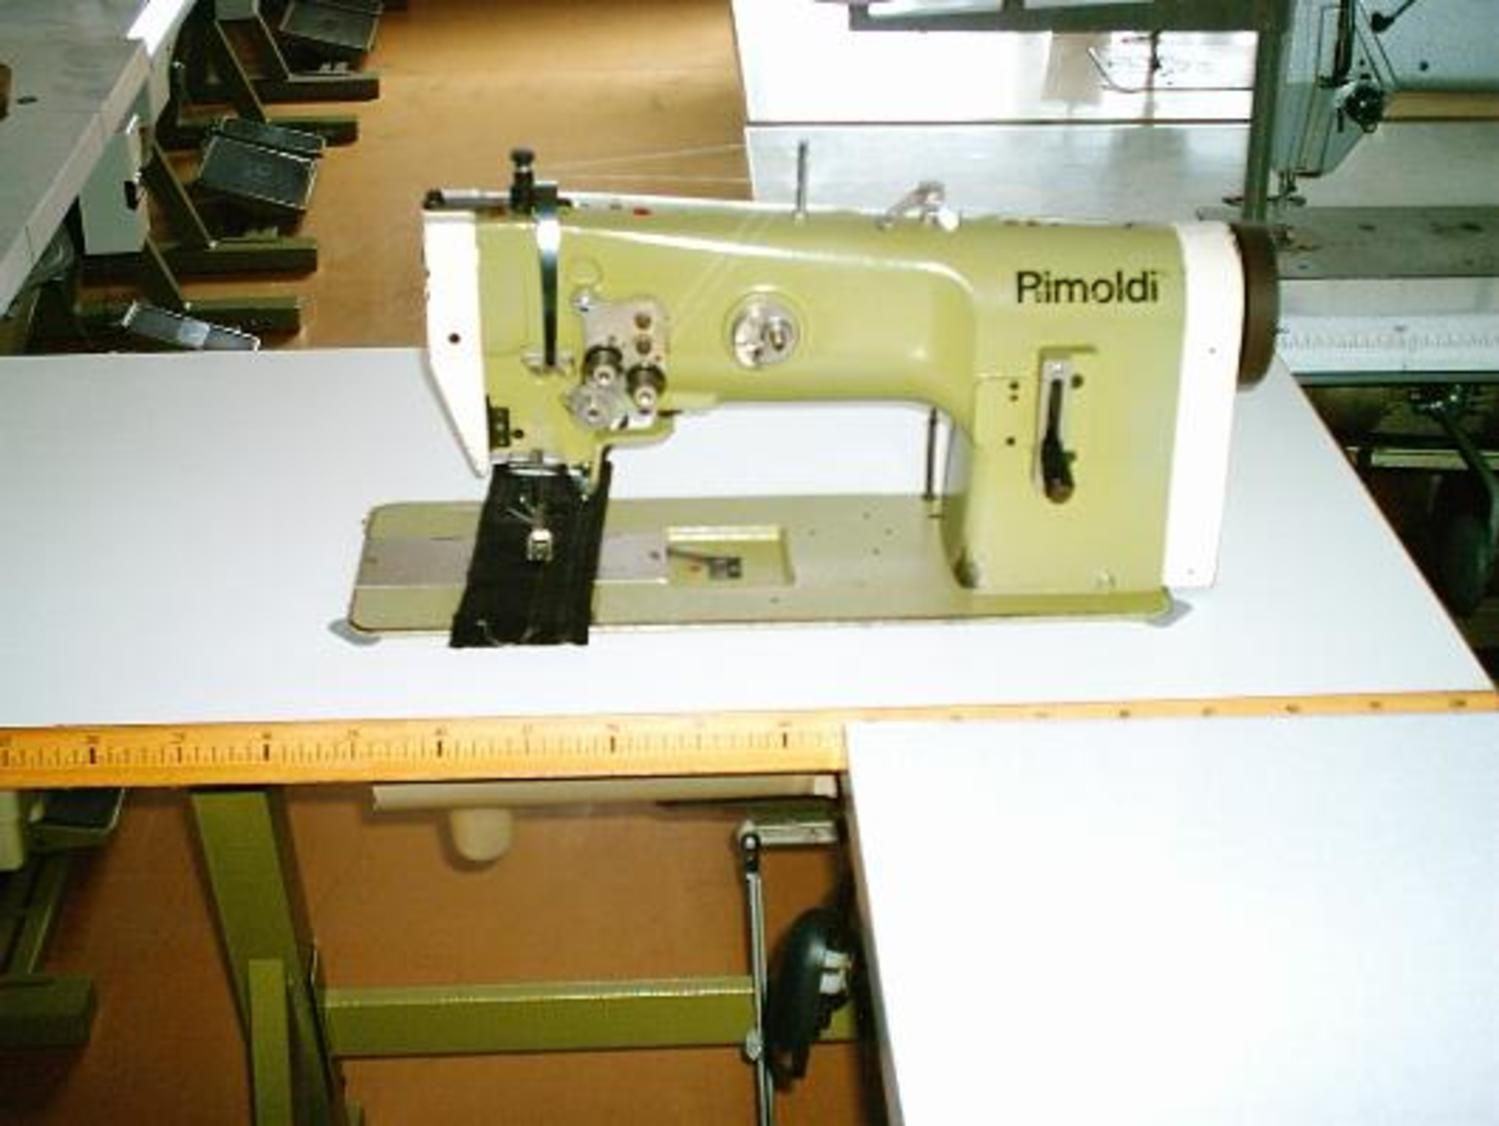 Nähmaschine Rimoldi 220-100